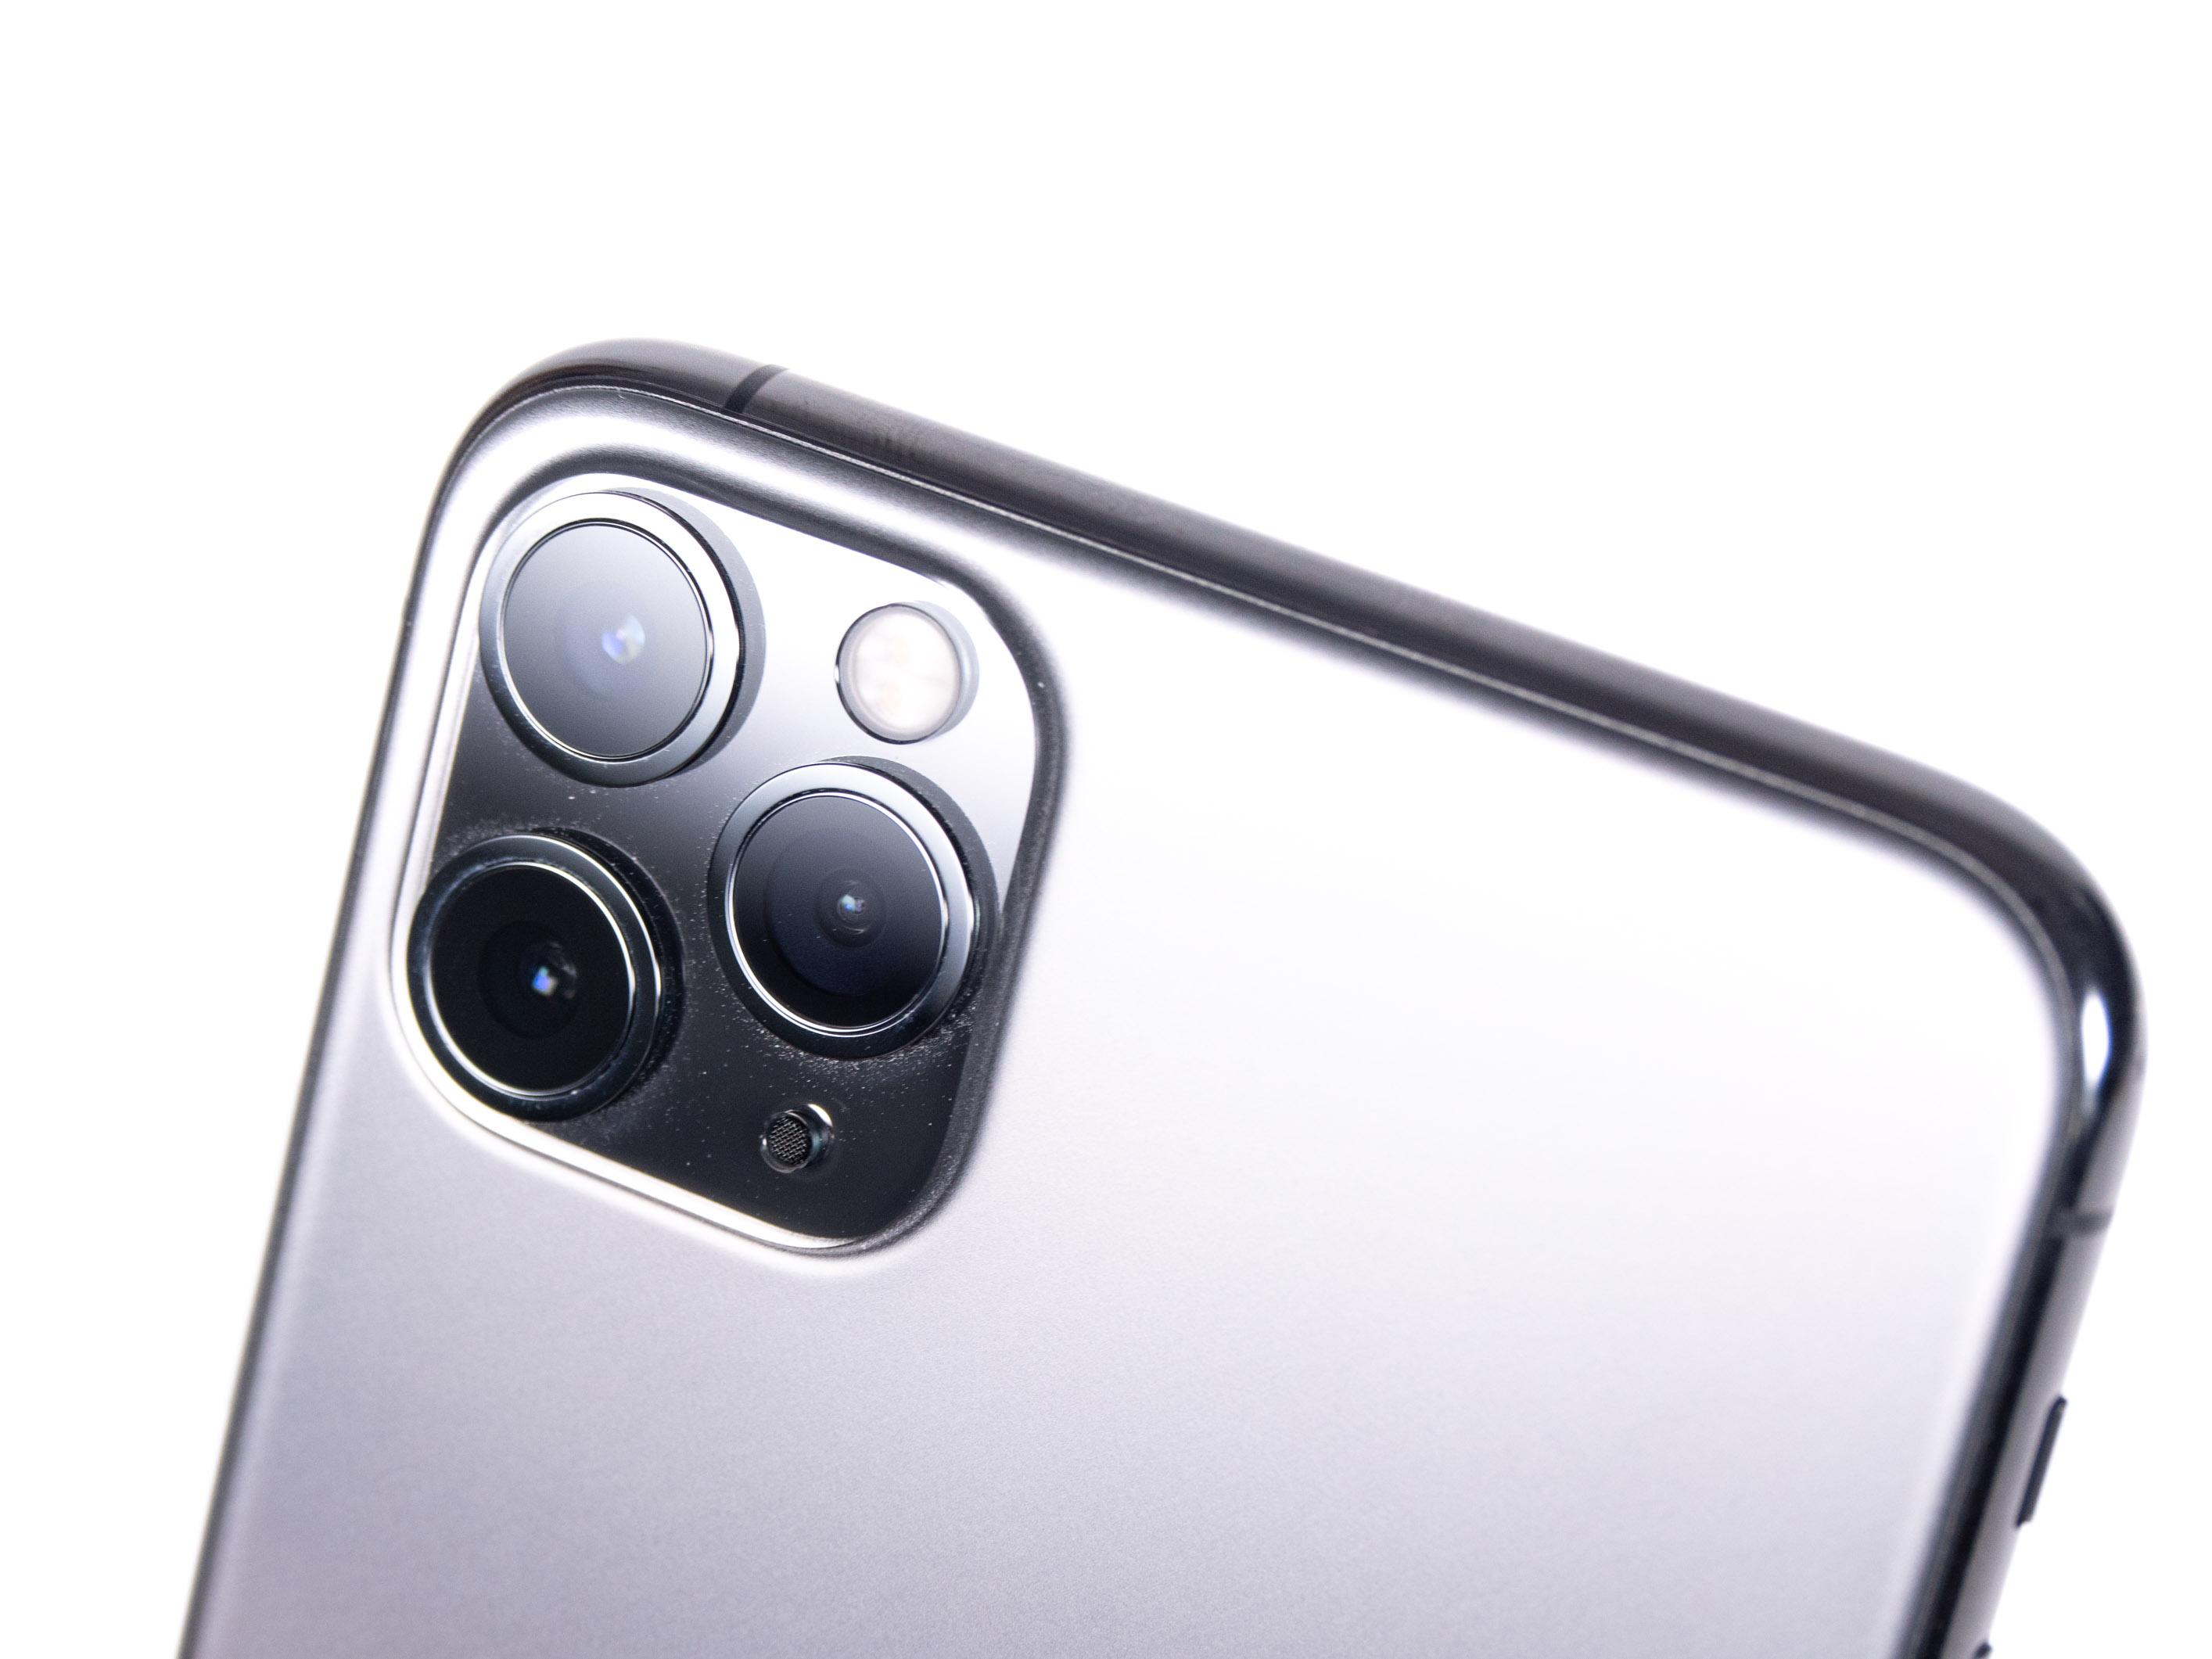 iPhone 11 Pro Max im Test: Starke Kamera und Akku für den ganzen Tag - Die Dreifachkamera ist in einer markanten Aussparung verbaut. (Bild: Martin Wolf/Golem.de)